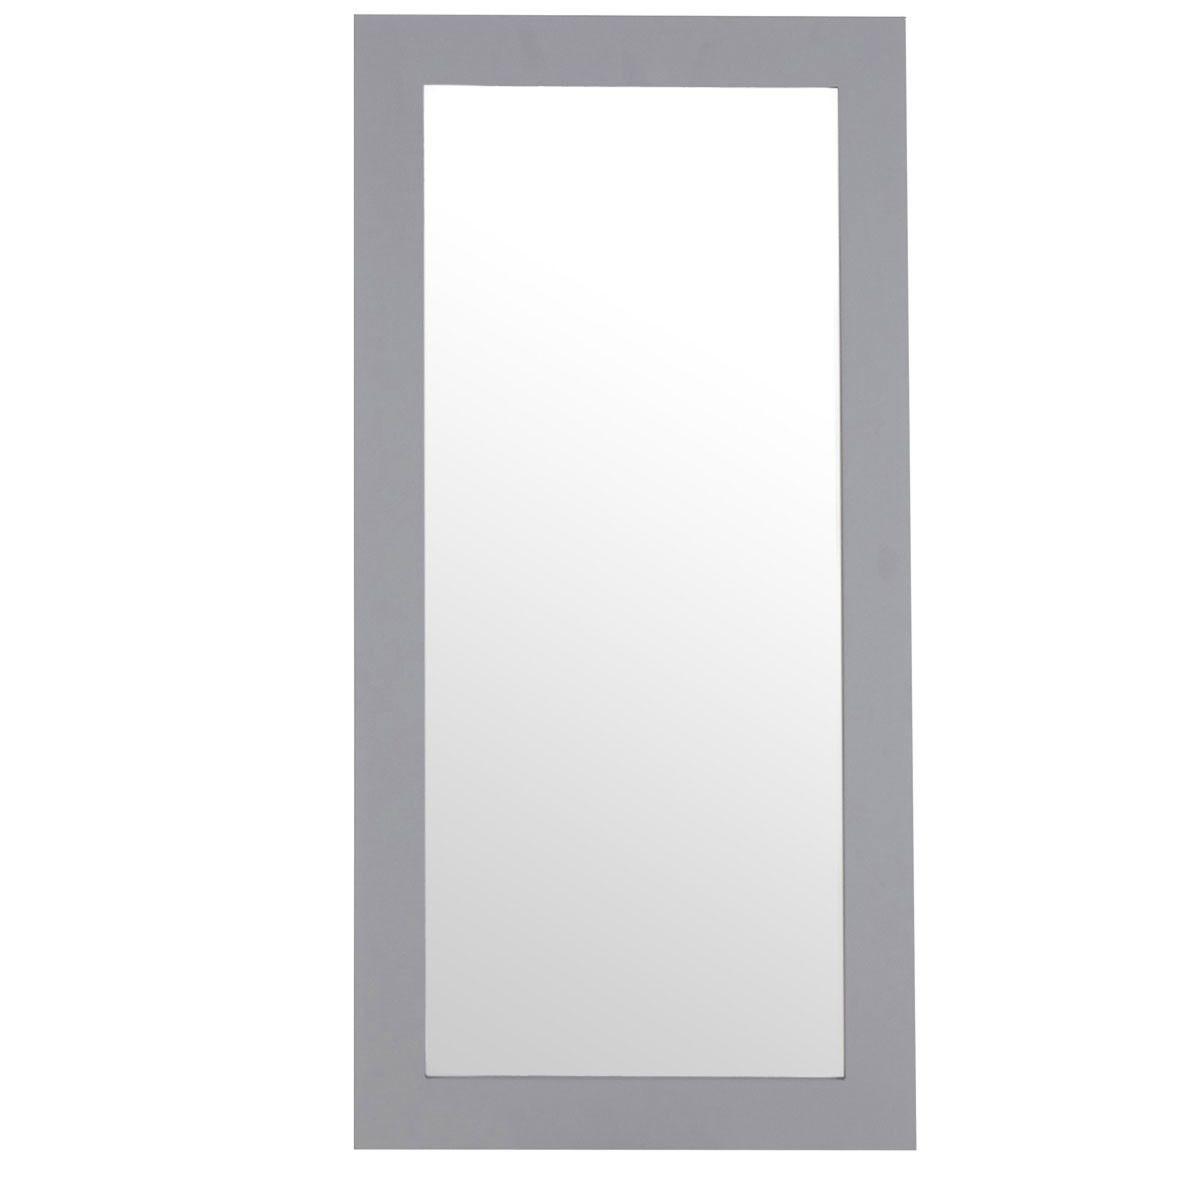 Premier Housewares Milo Wall Mirror - Grey